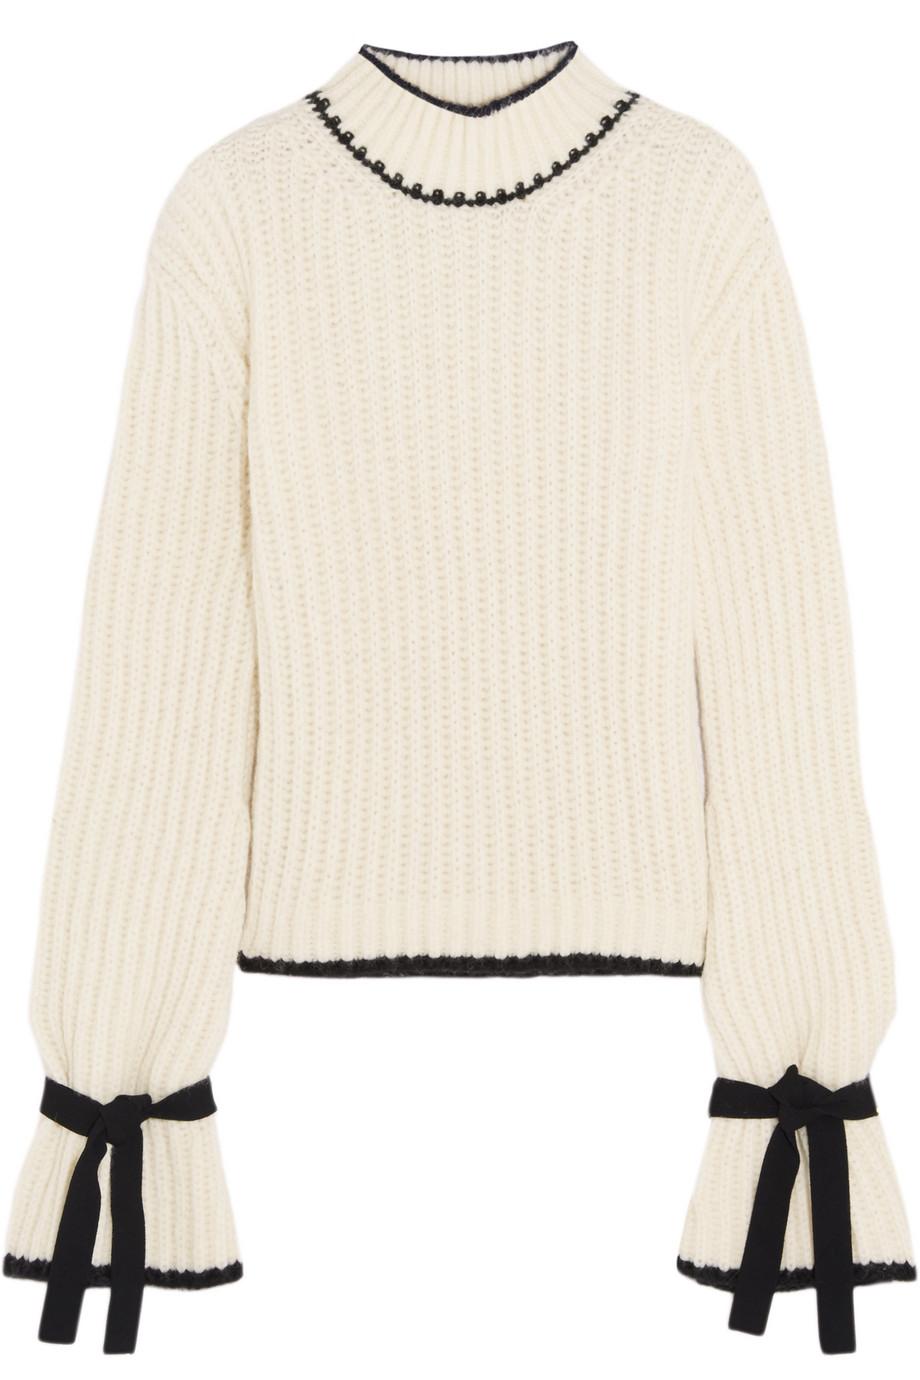 J.W.Anderson Oversized Alpaca-Blend Turtleneck Sweater, Off-White, Women's, Size: L